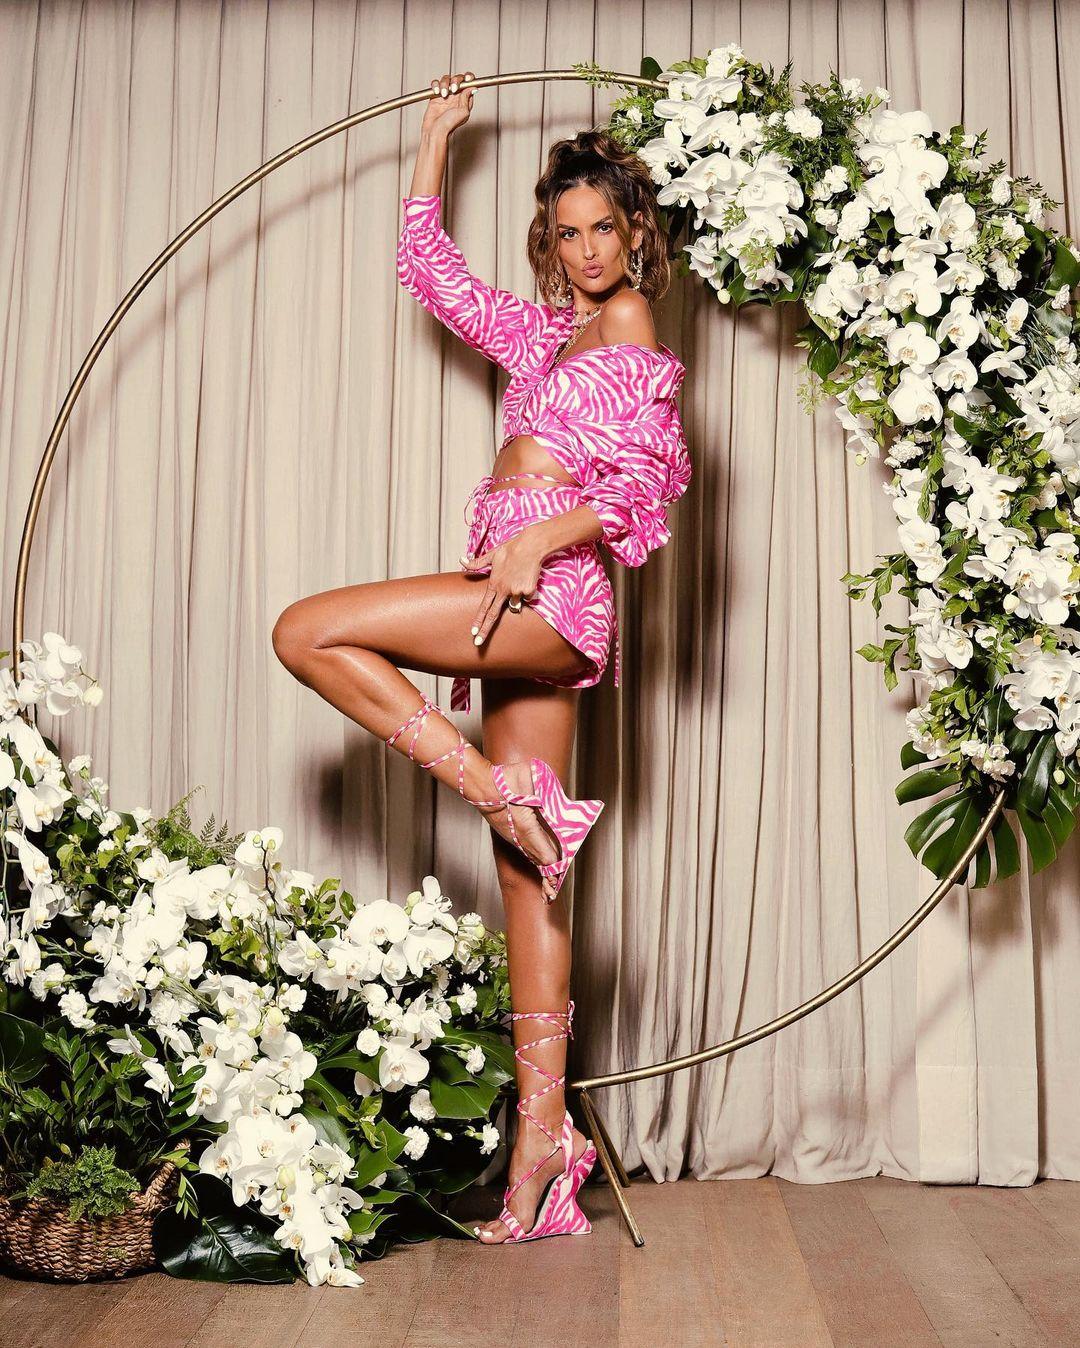 Она идеальна: у Изабель Гулар бесконечные ноги и стальной пресс в мини-шортах